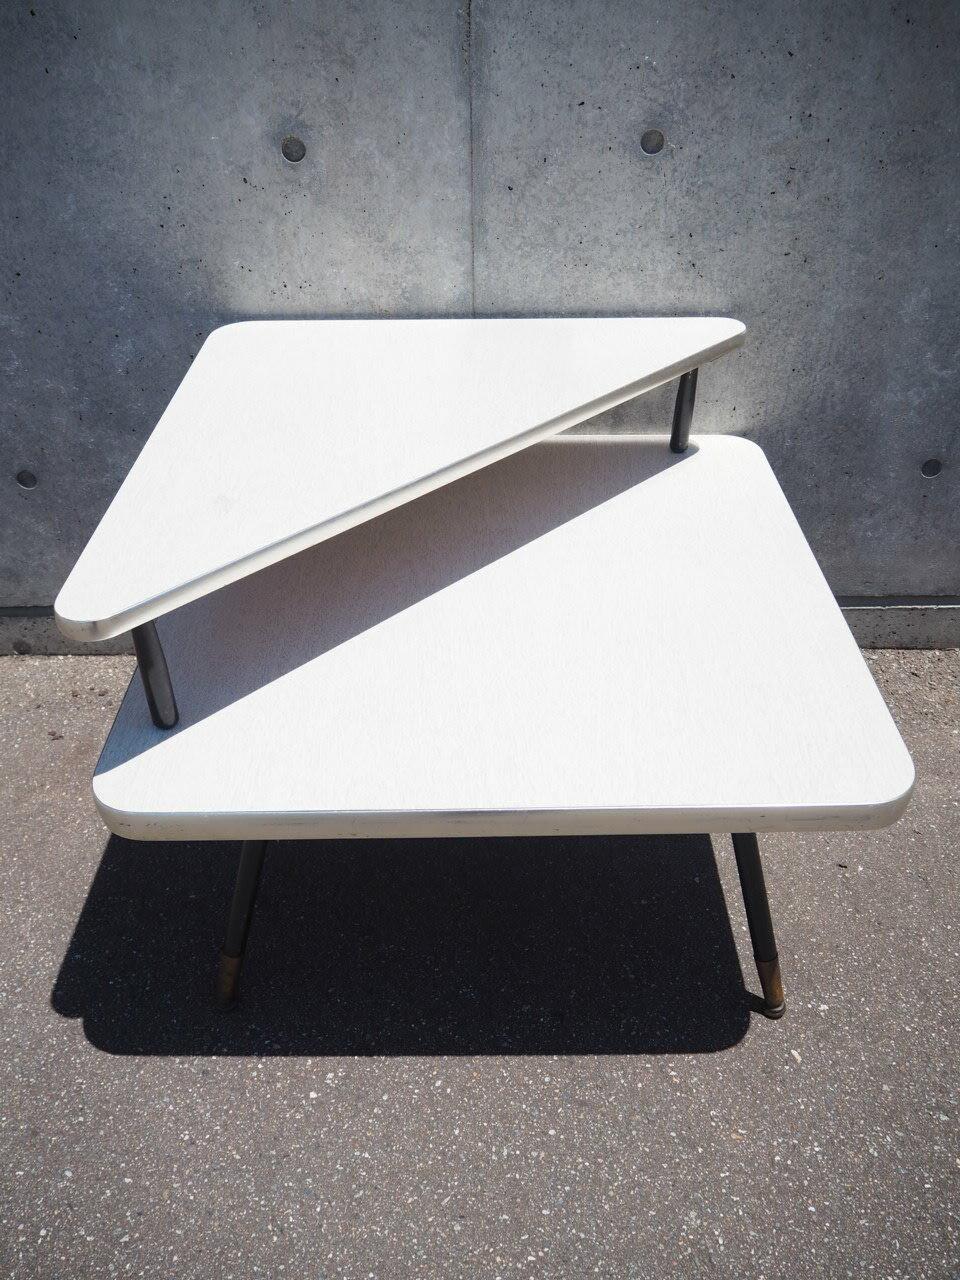 品番0377 50年代 テーブル / table